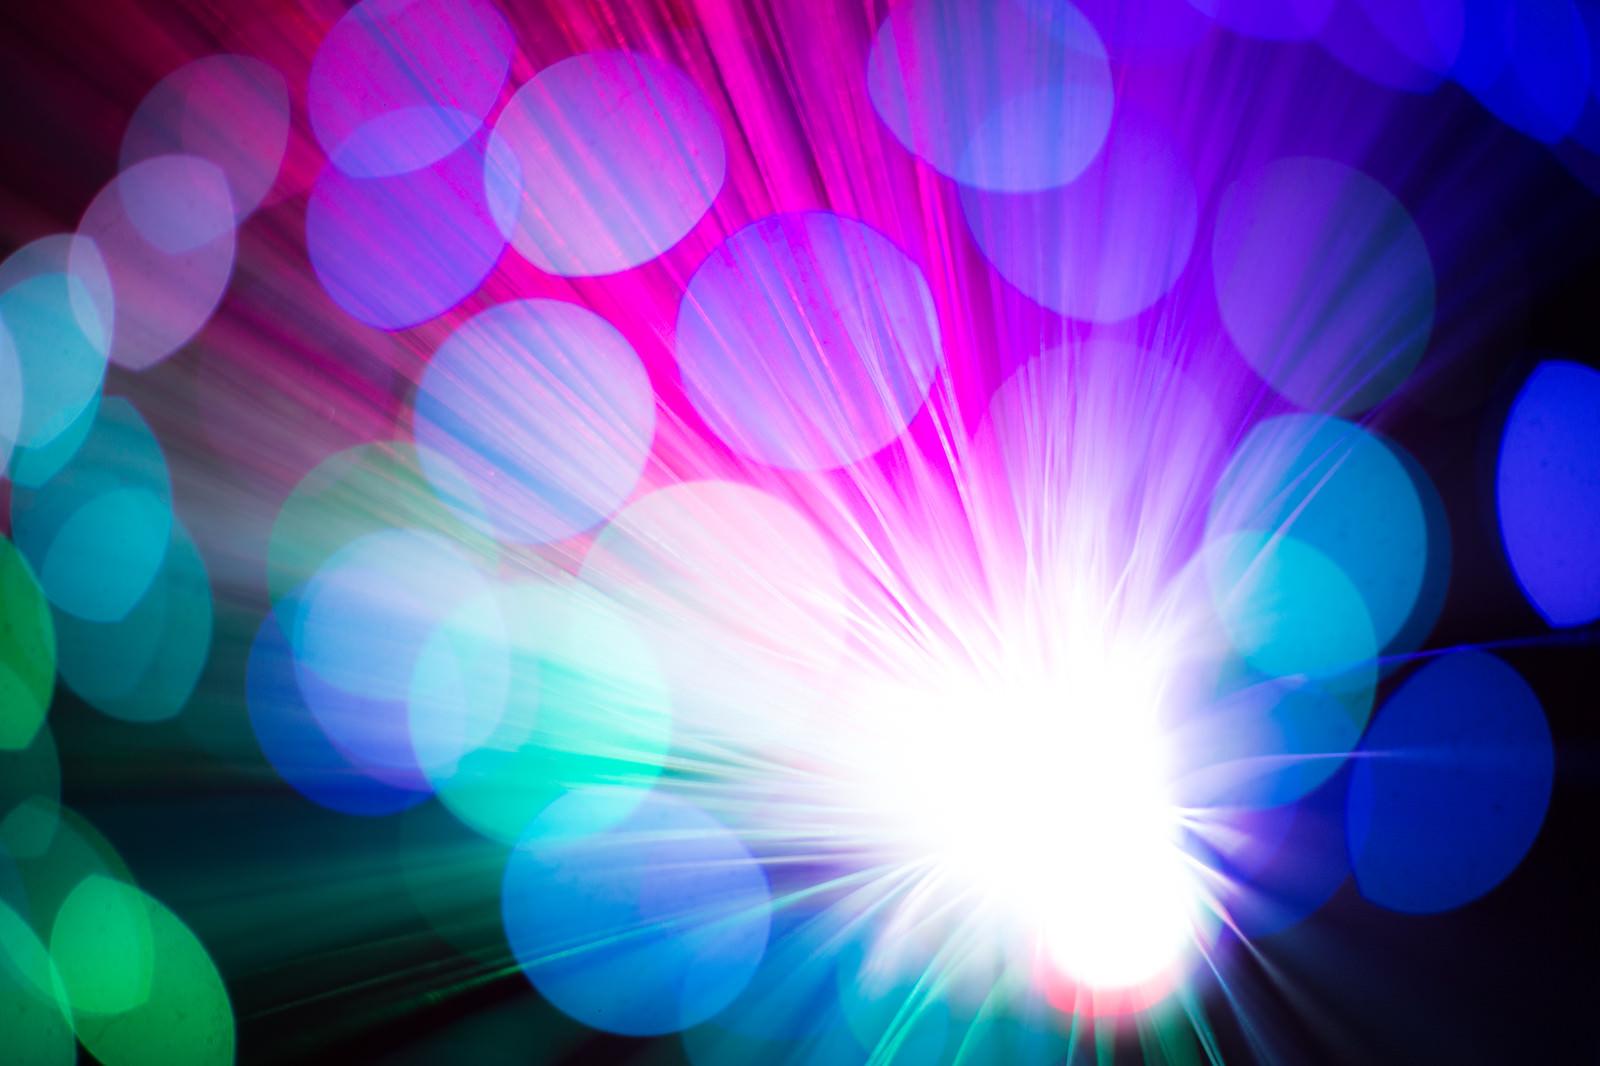 「鮮やかな玉ボケと光の集合」の写真